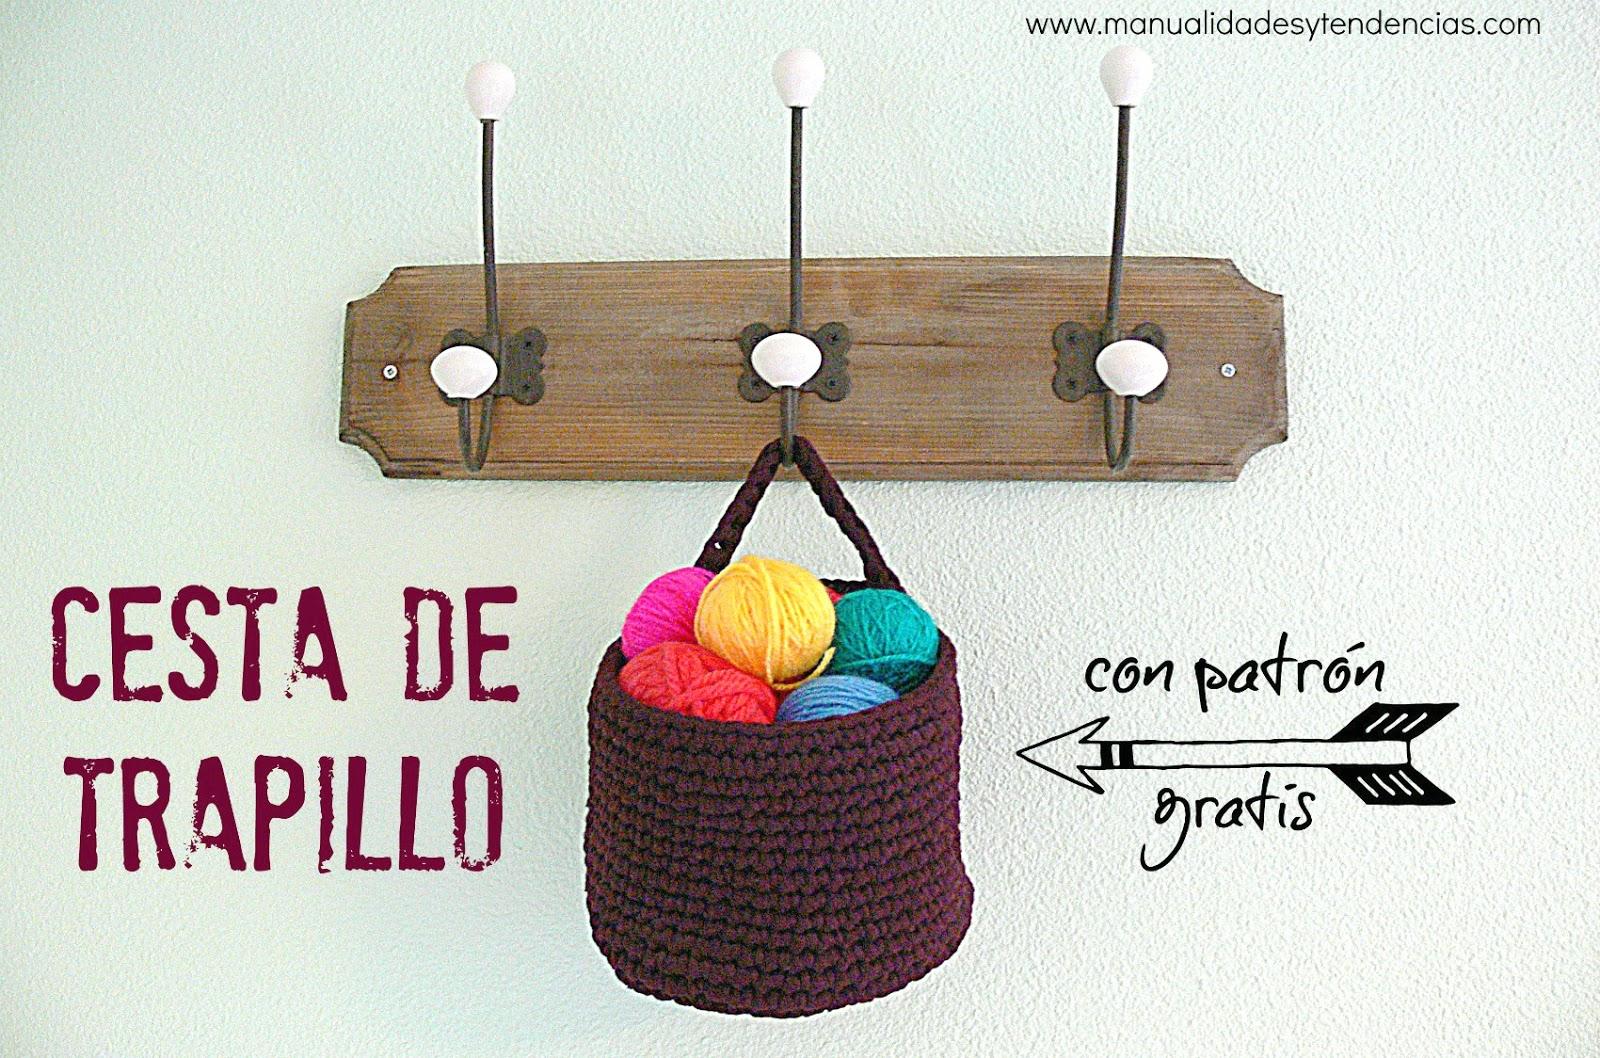 Manualidades Y Tendencias Crochet Cesta De Trapillo Con Patron Gratis